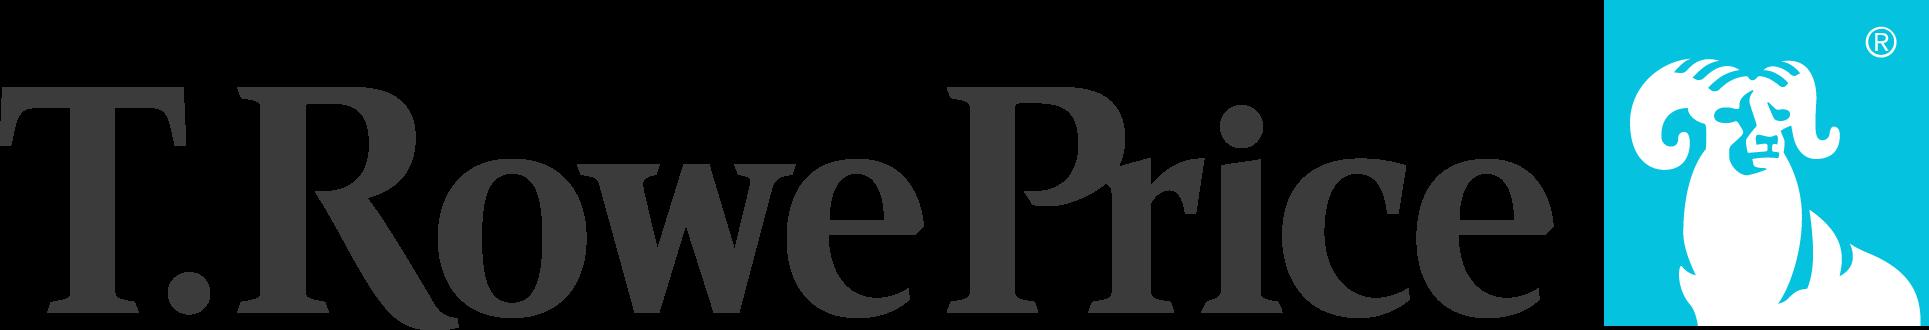 trp_logo_lg